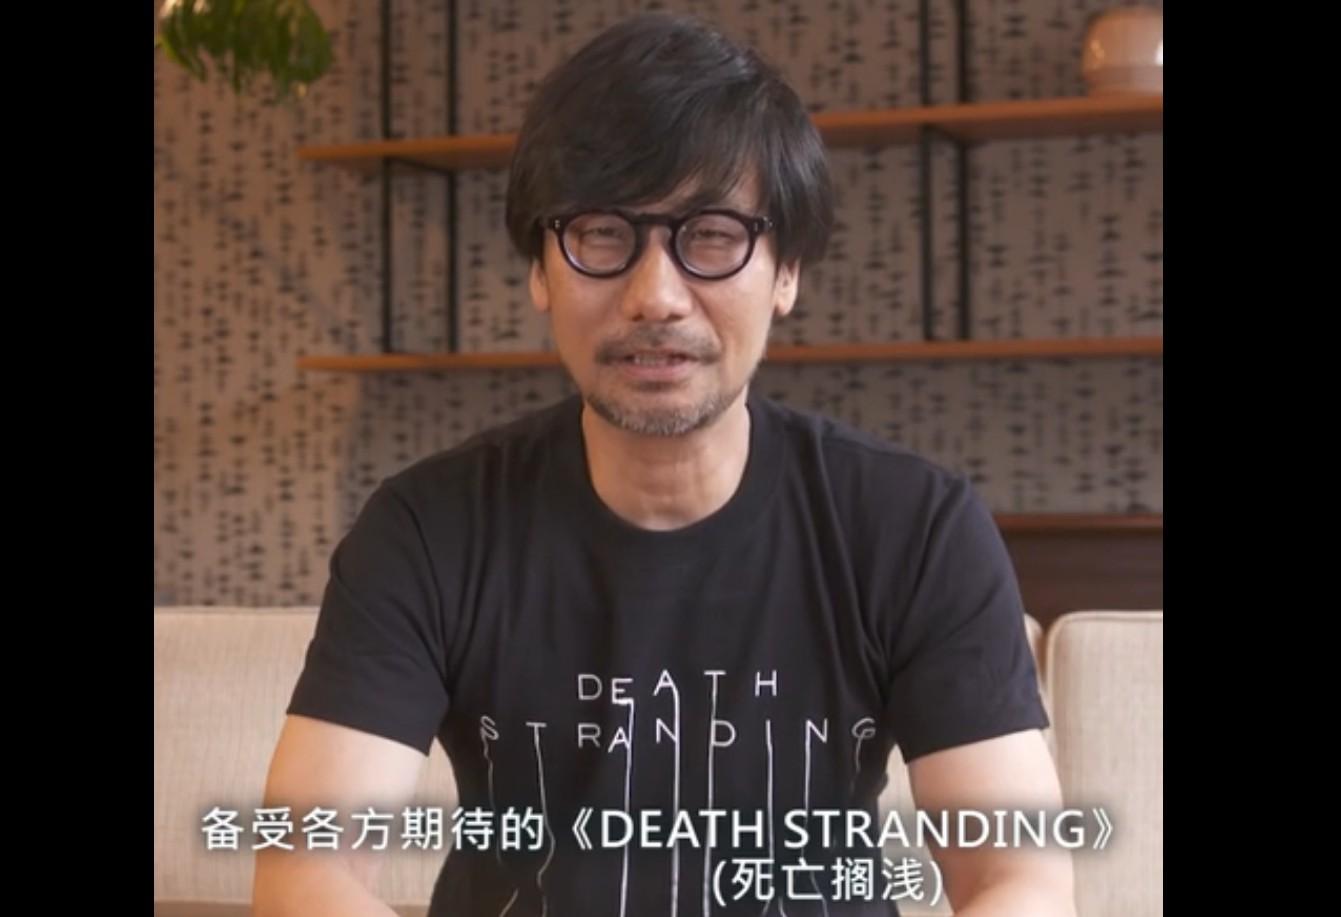 小岛秀夫发视频问候亚洲玩家 并为《死亡搁浅》造势